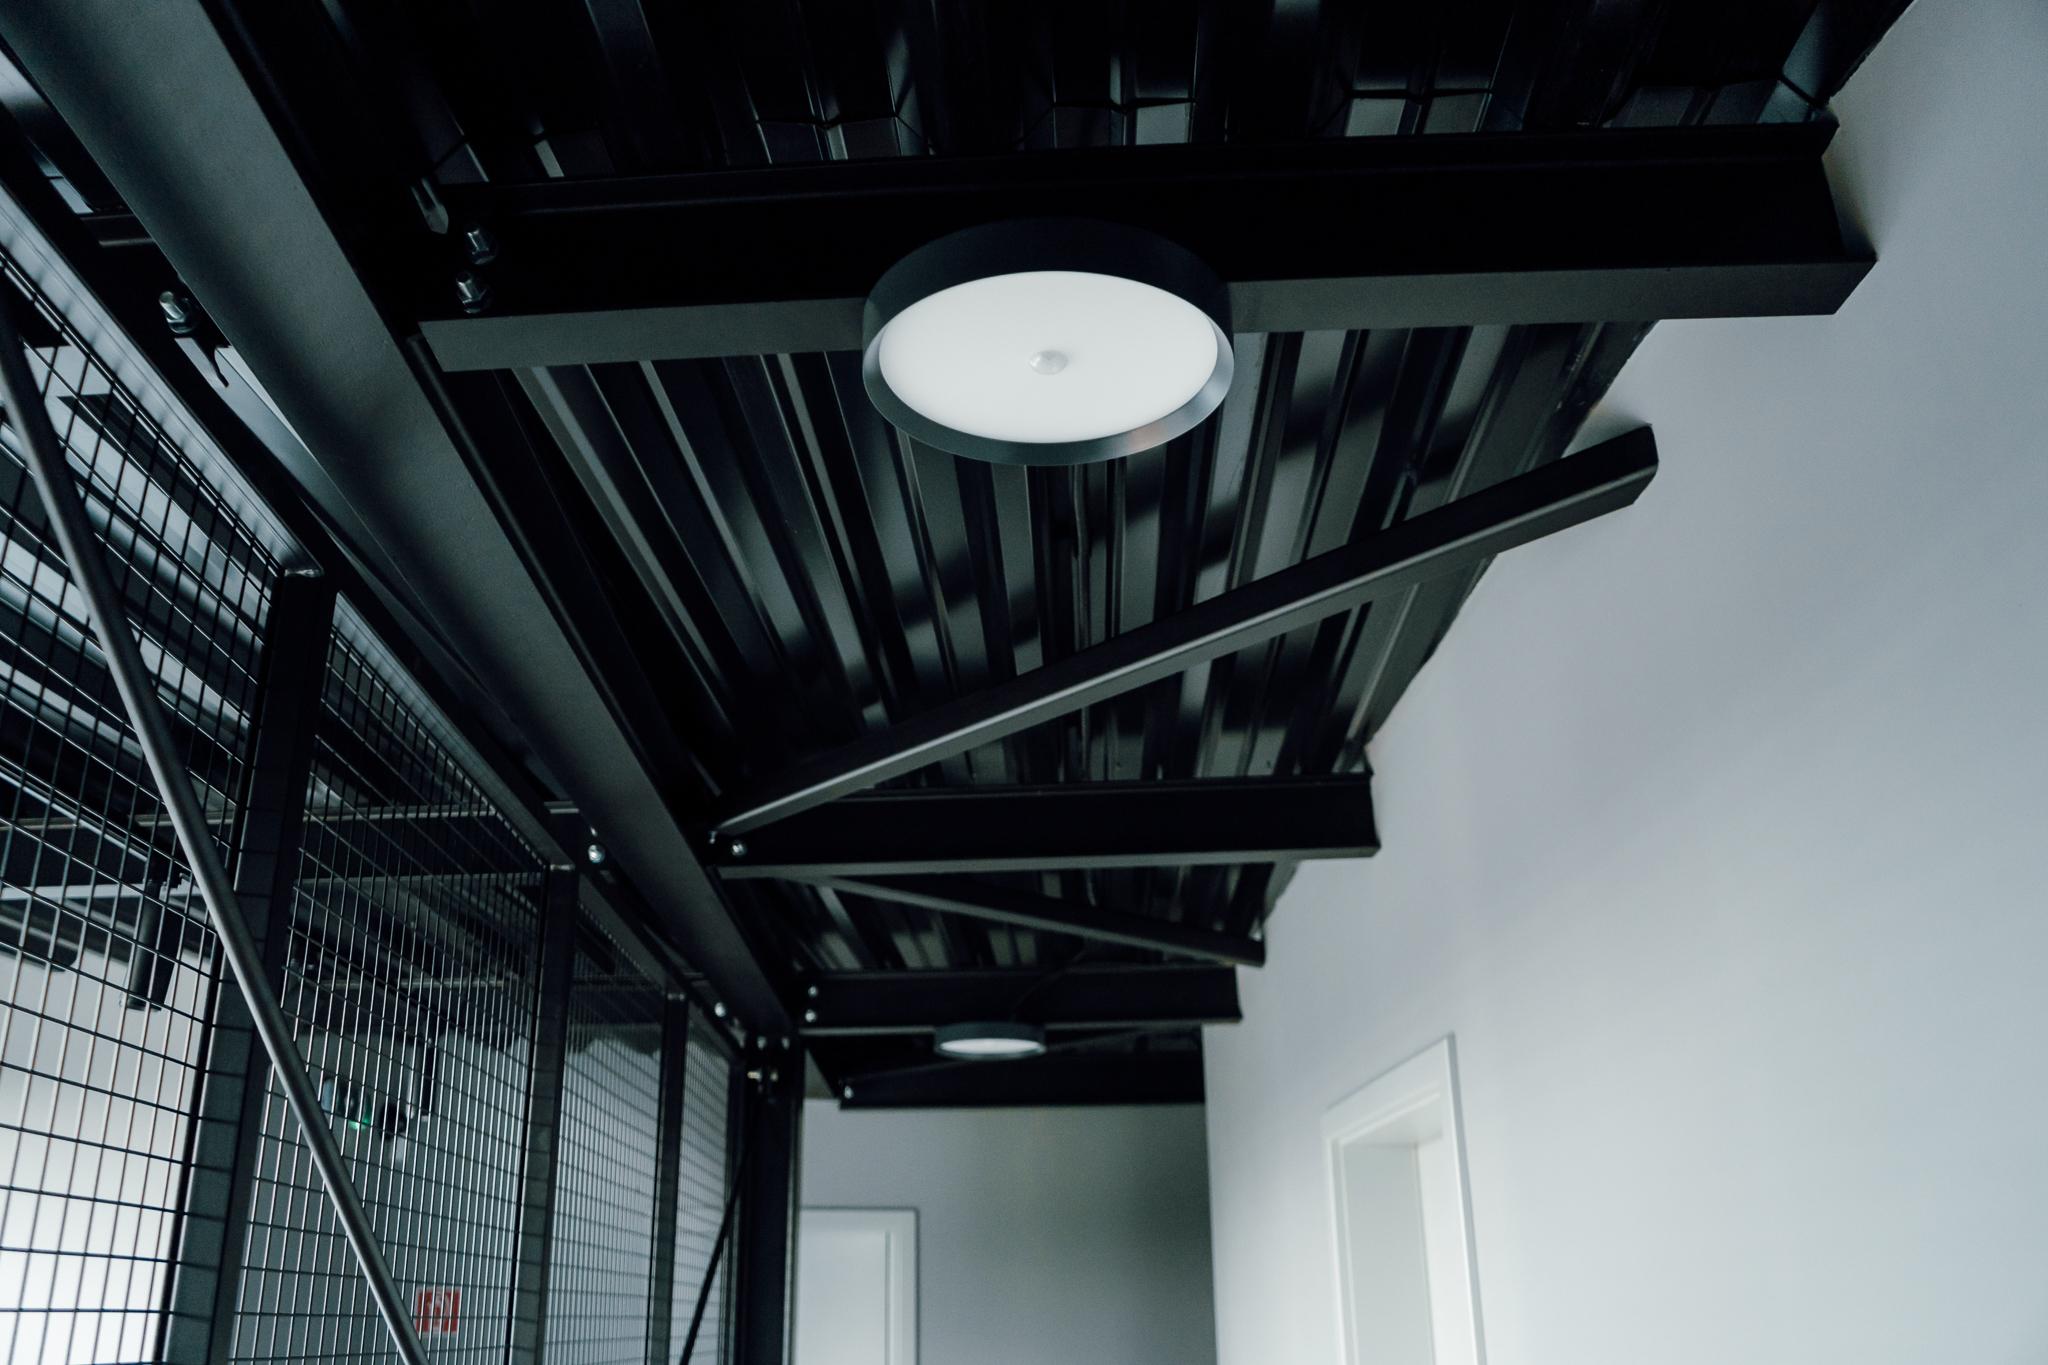 Stropní LED světlo RGBW Tree umístěné na stropě